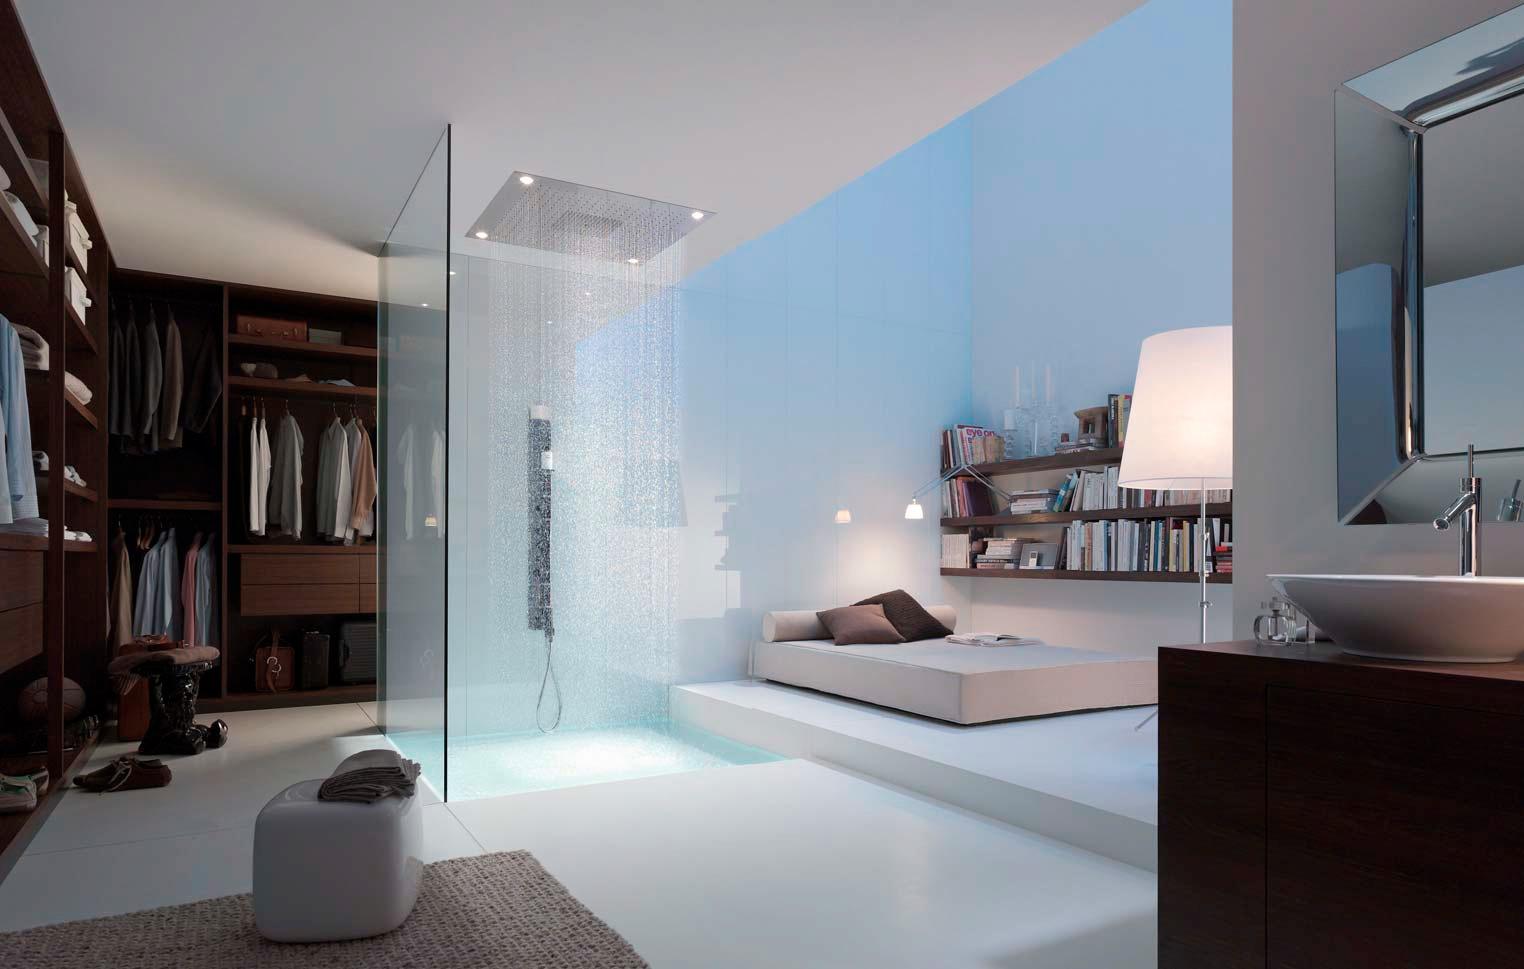 Populaire 18 idées de douche pour votre loft JN44